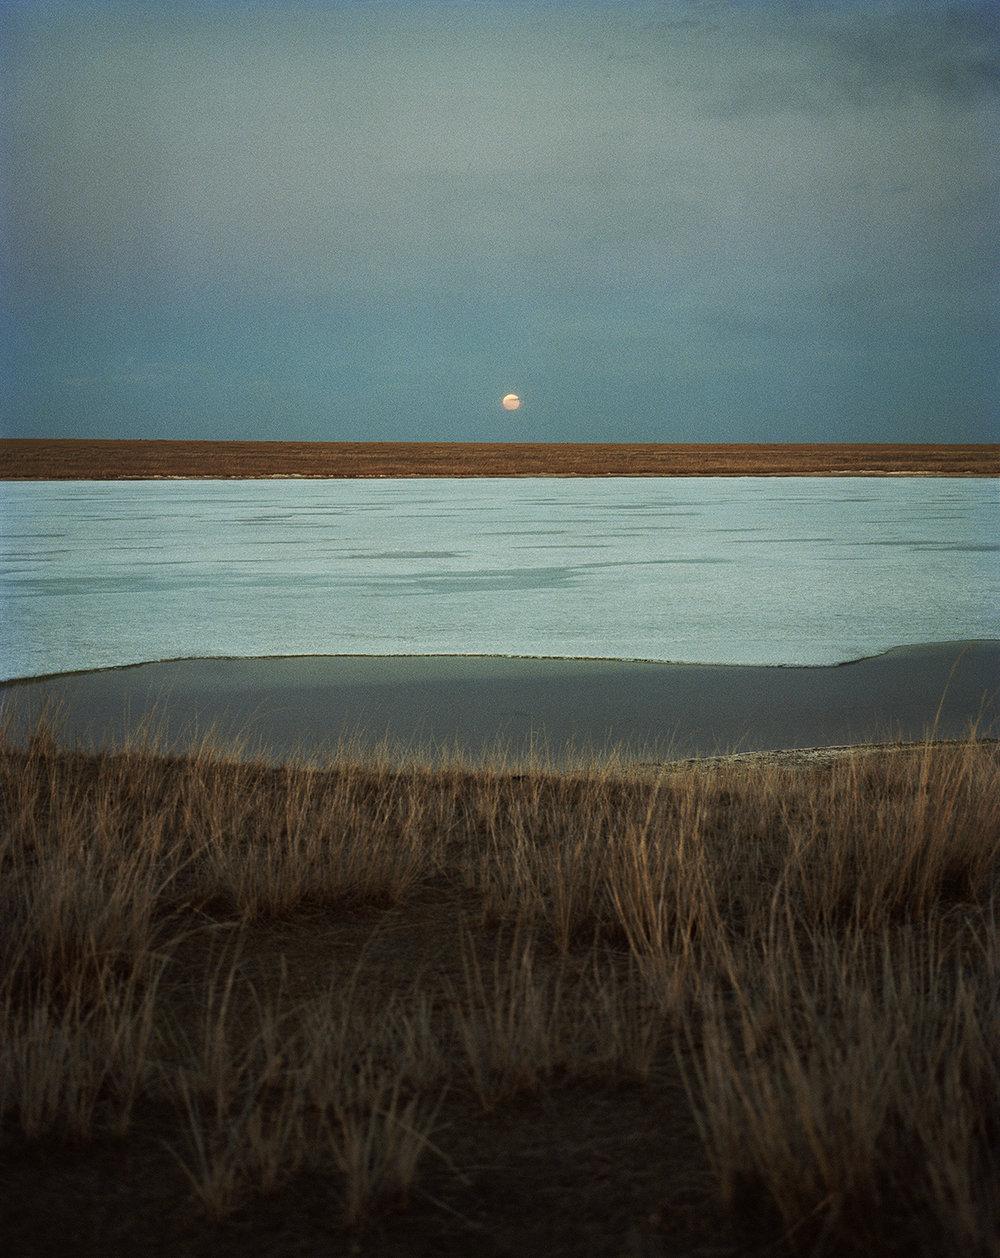 Mongolia_Spring-17_1061_15b-CA1-R4.jpg